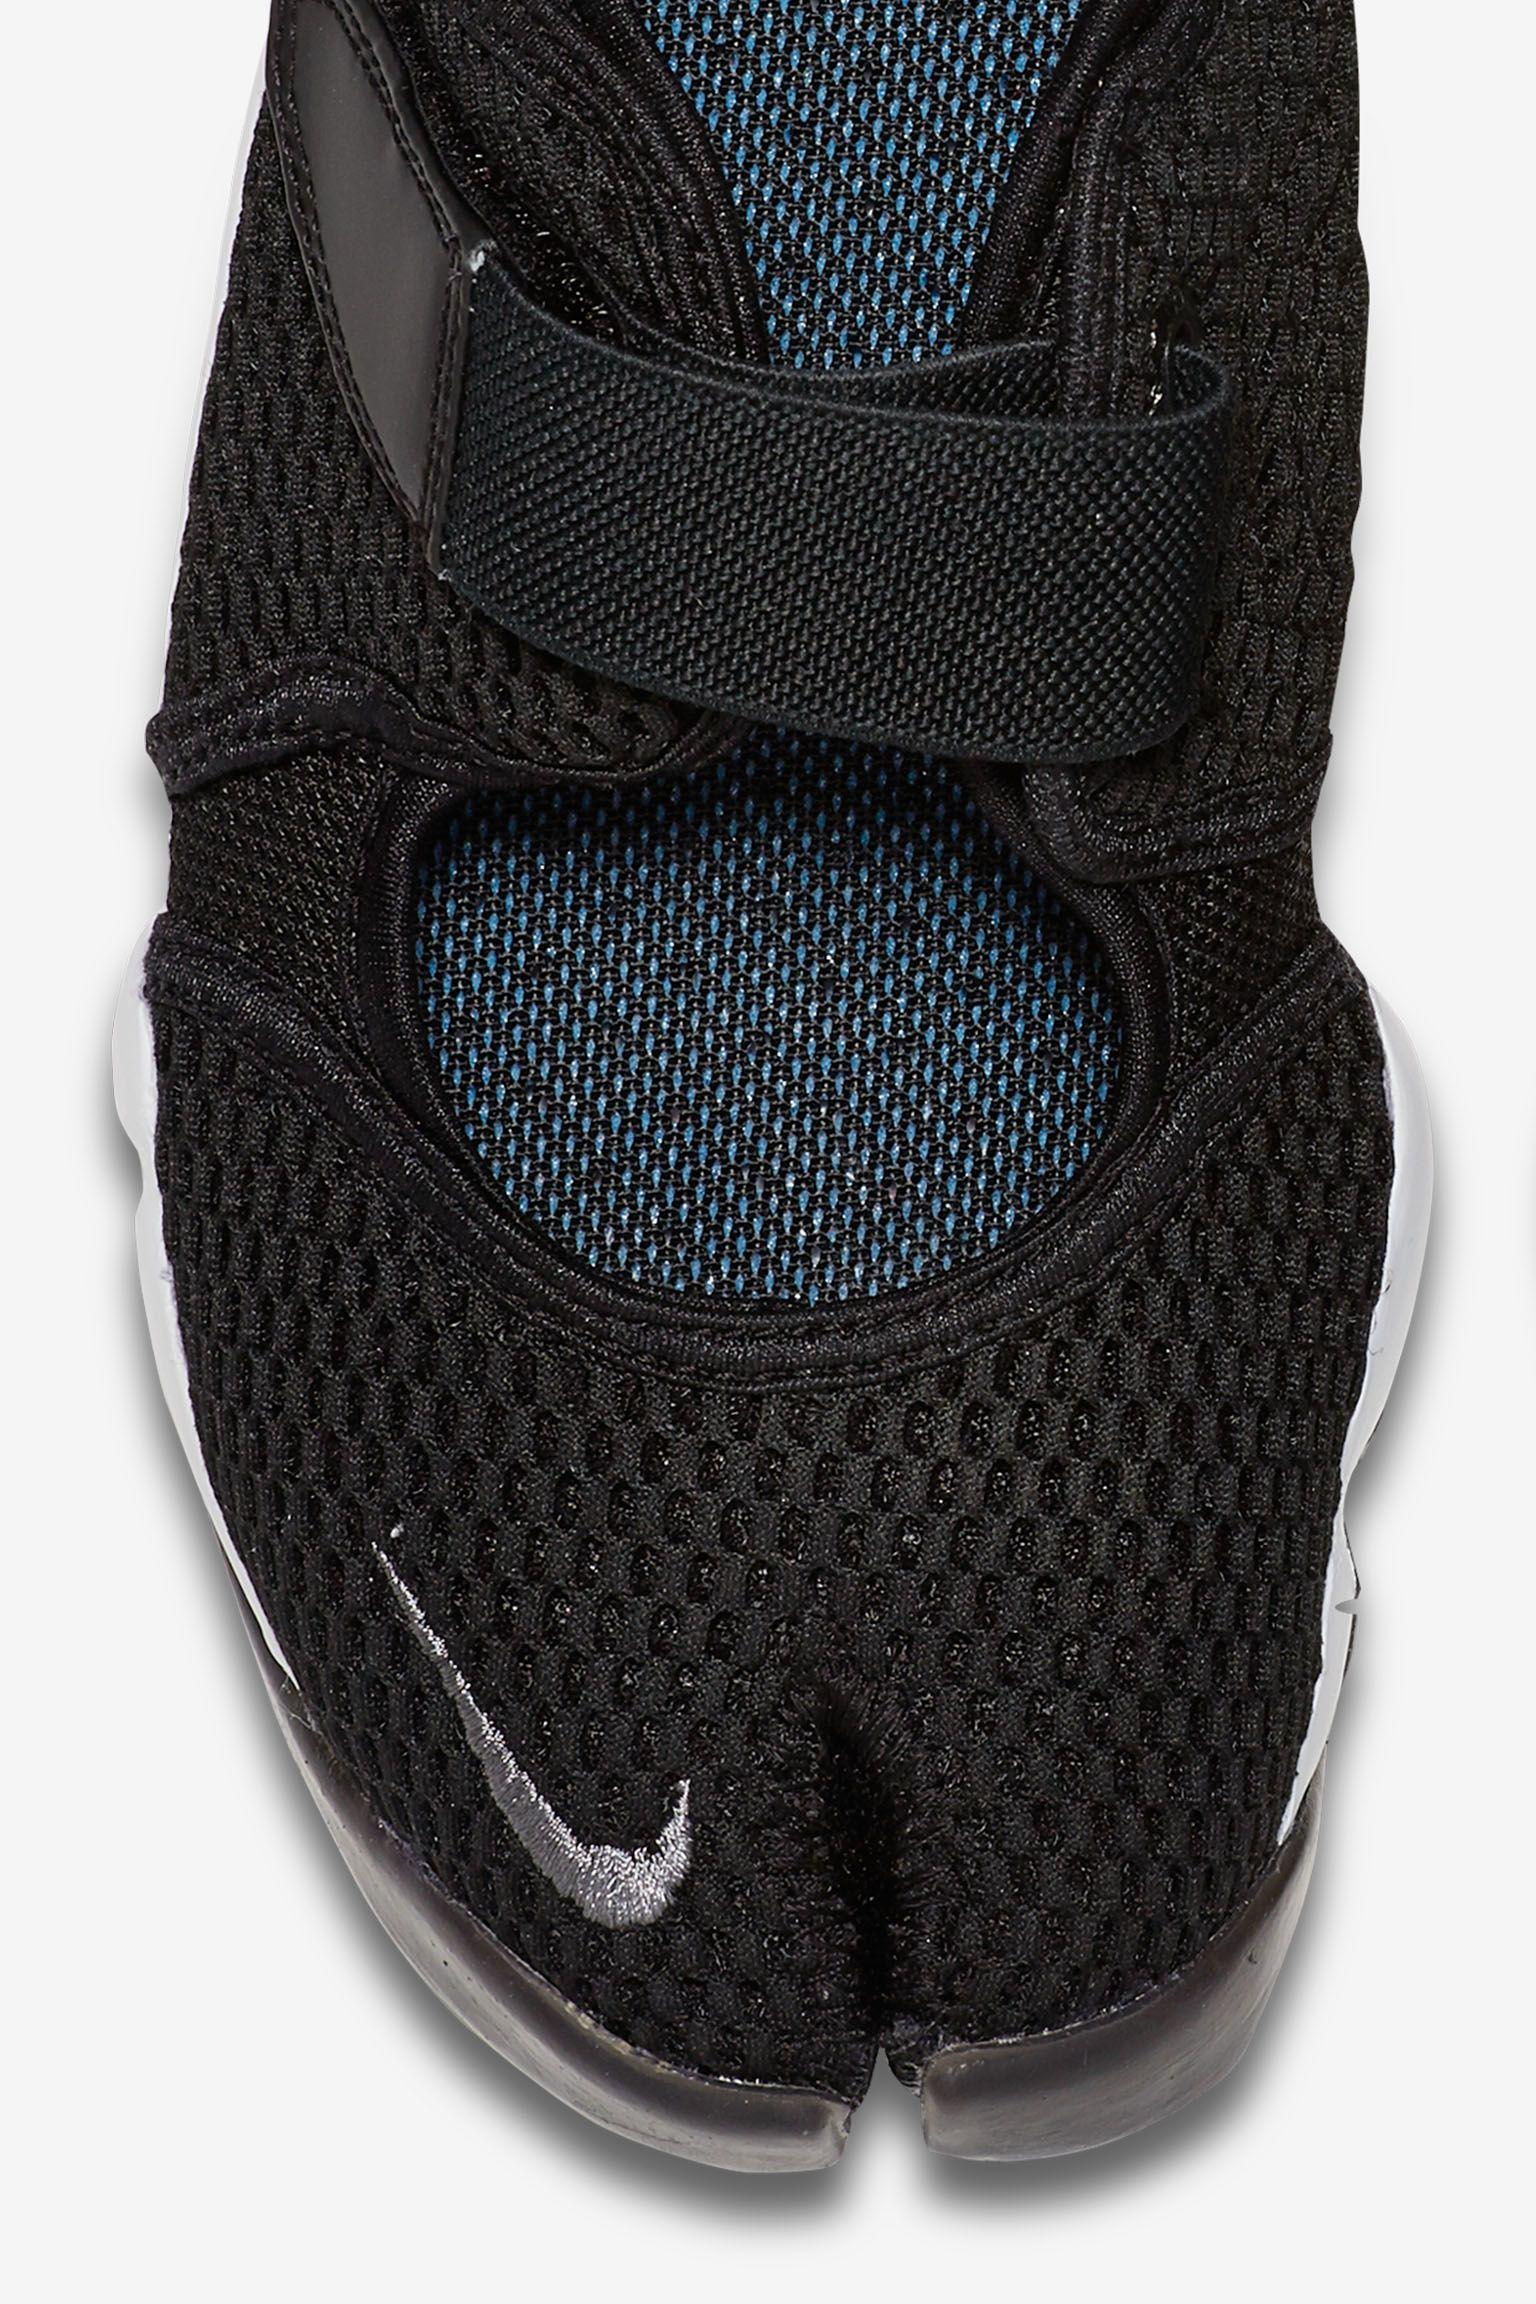 Women's Nike Air Rift Breathe 'Black & White'